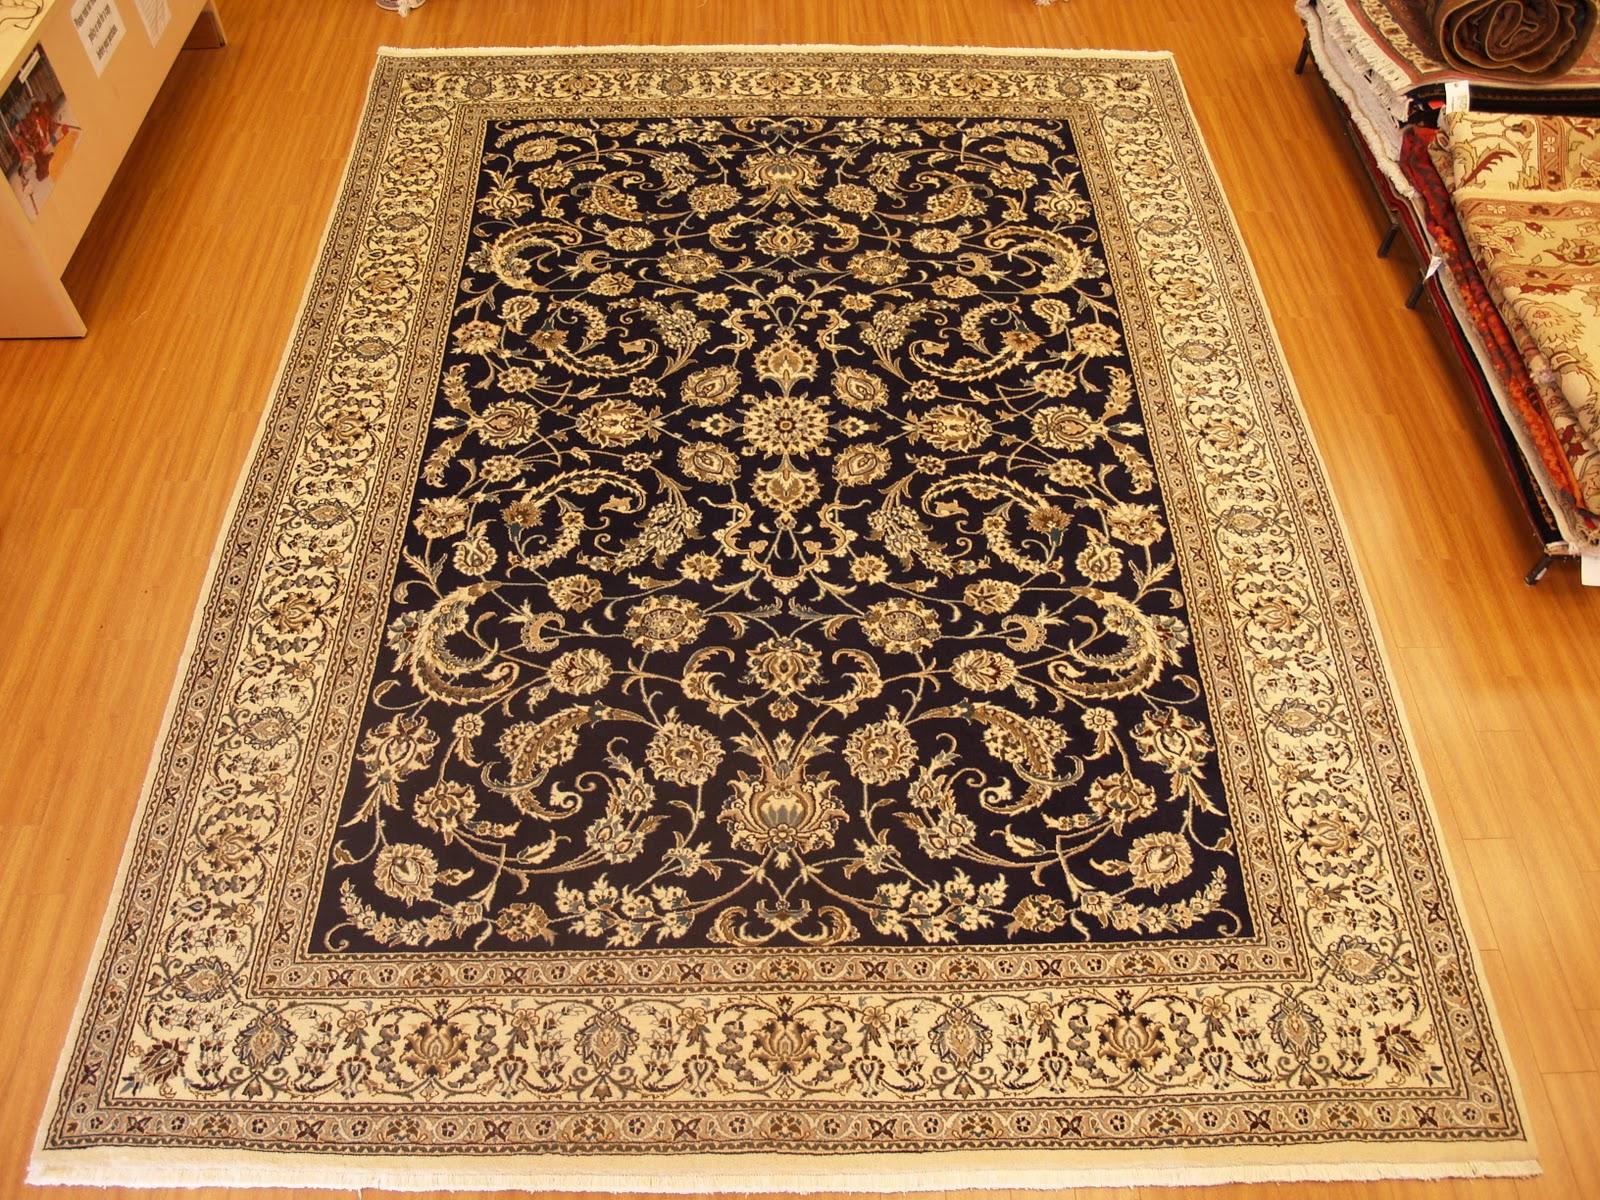 modern living room decoration using floral accent carpet designs on  laminate wood MARJVJX